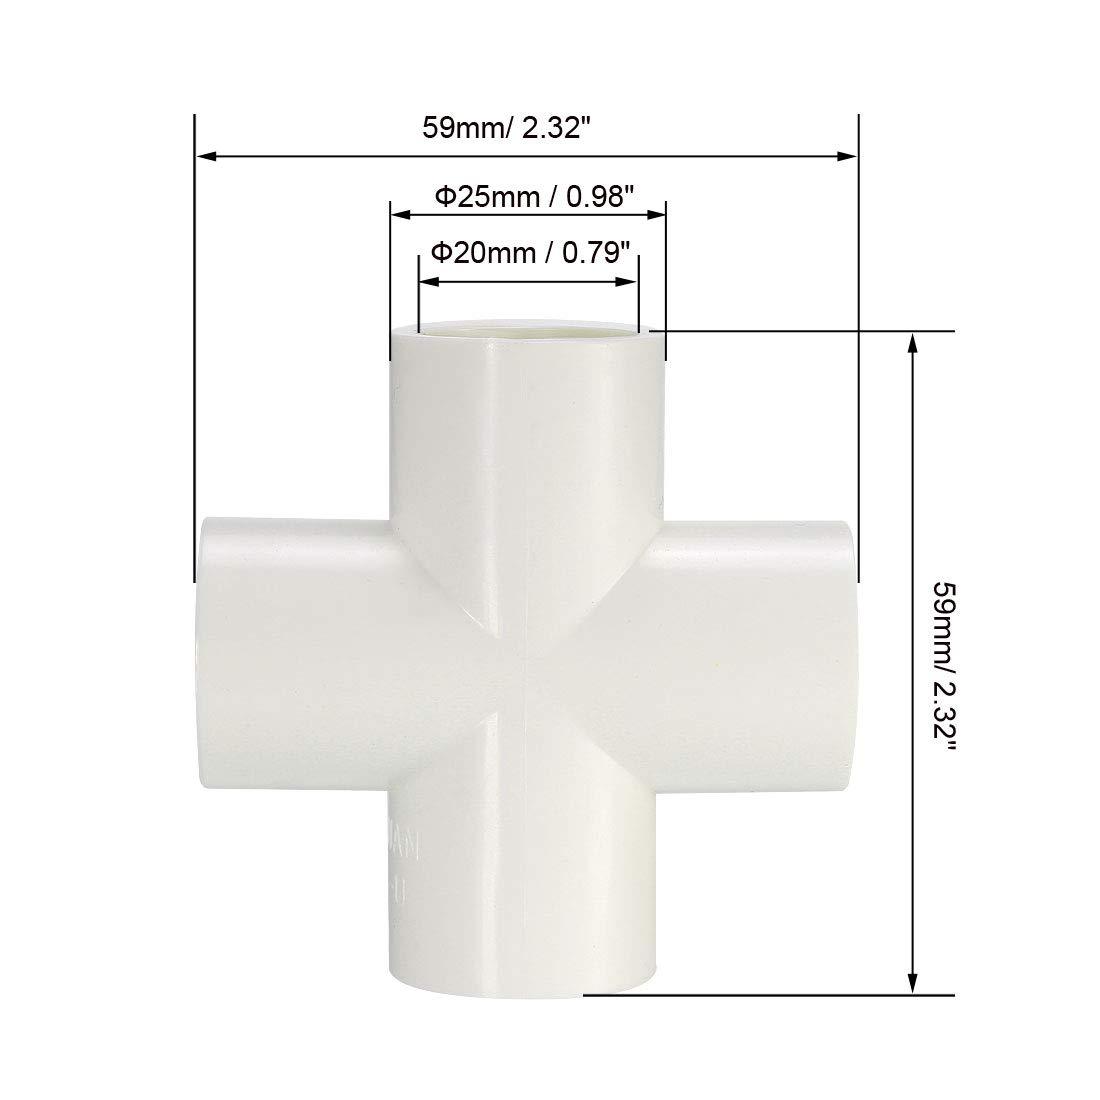 Conectores de PVC para muebles sourcing map Conector de tuber/ía de PVC de 4 v/ías en cruz con z/ócalo de 20mm blanco 6uds